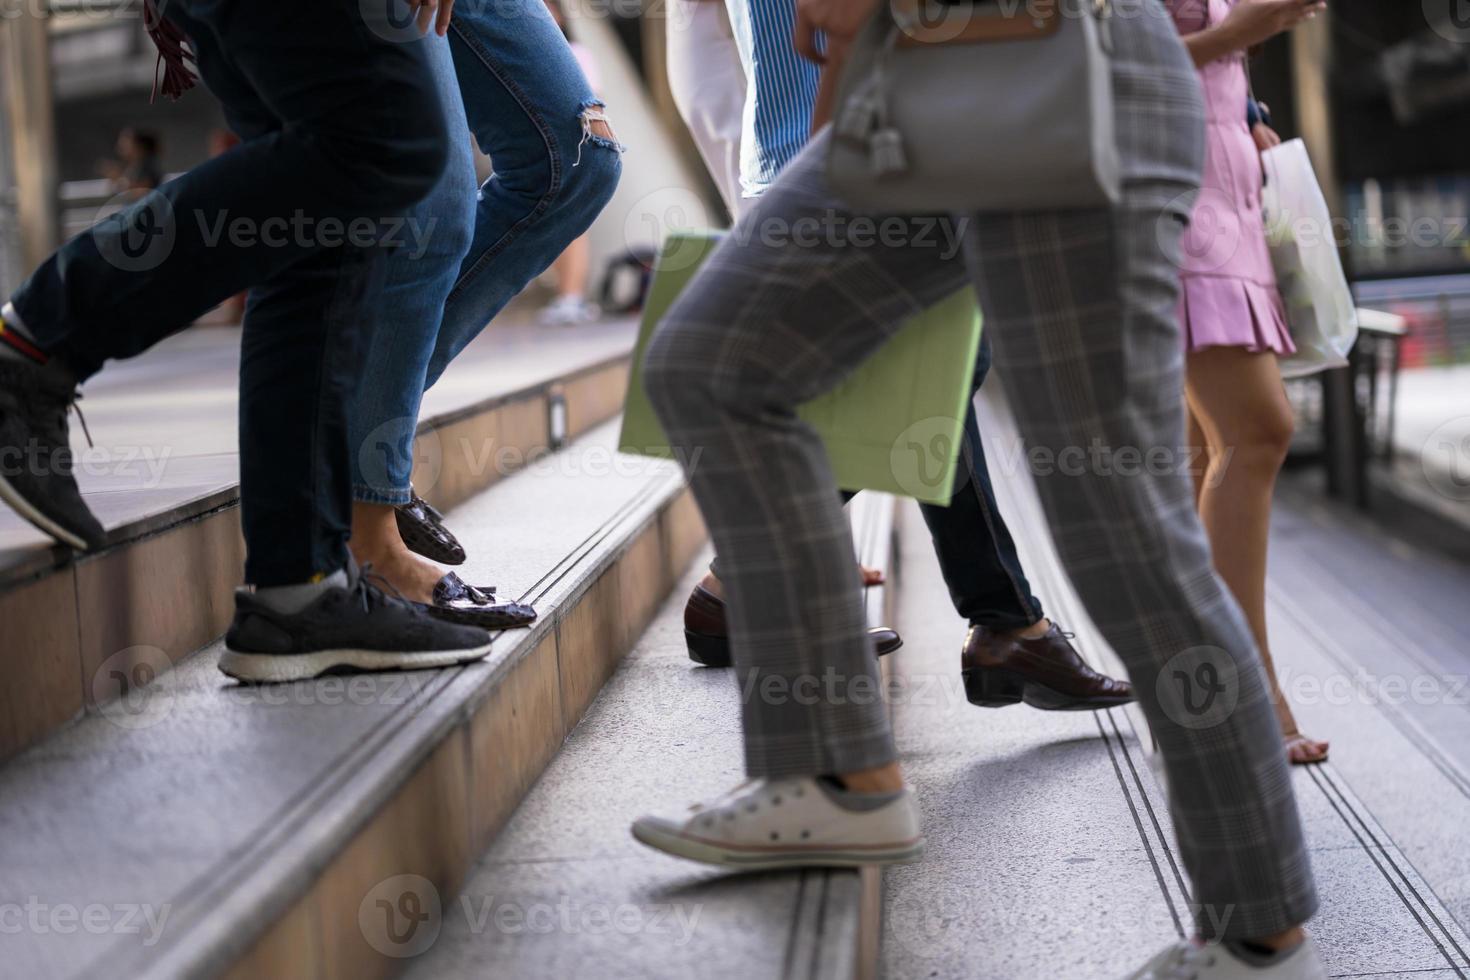 Gros plan des pieds des gens marchant dans les escaliers photo